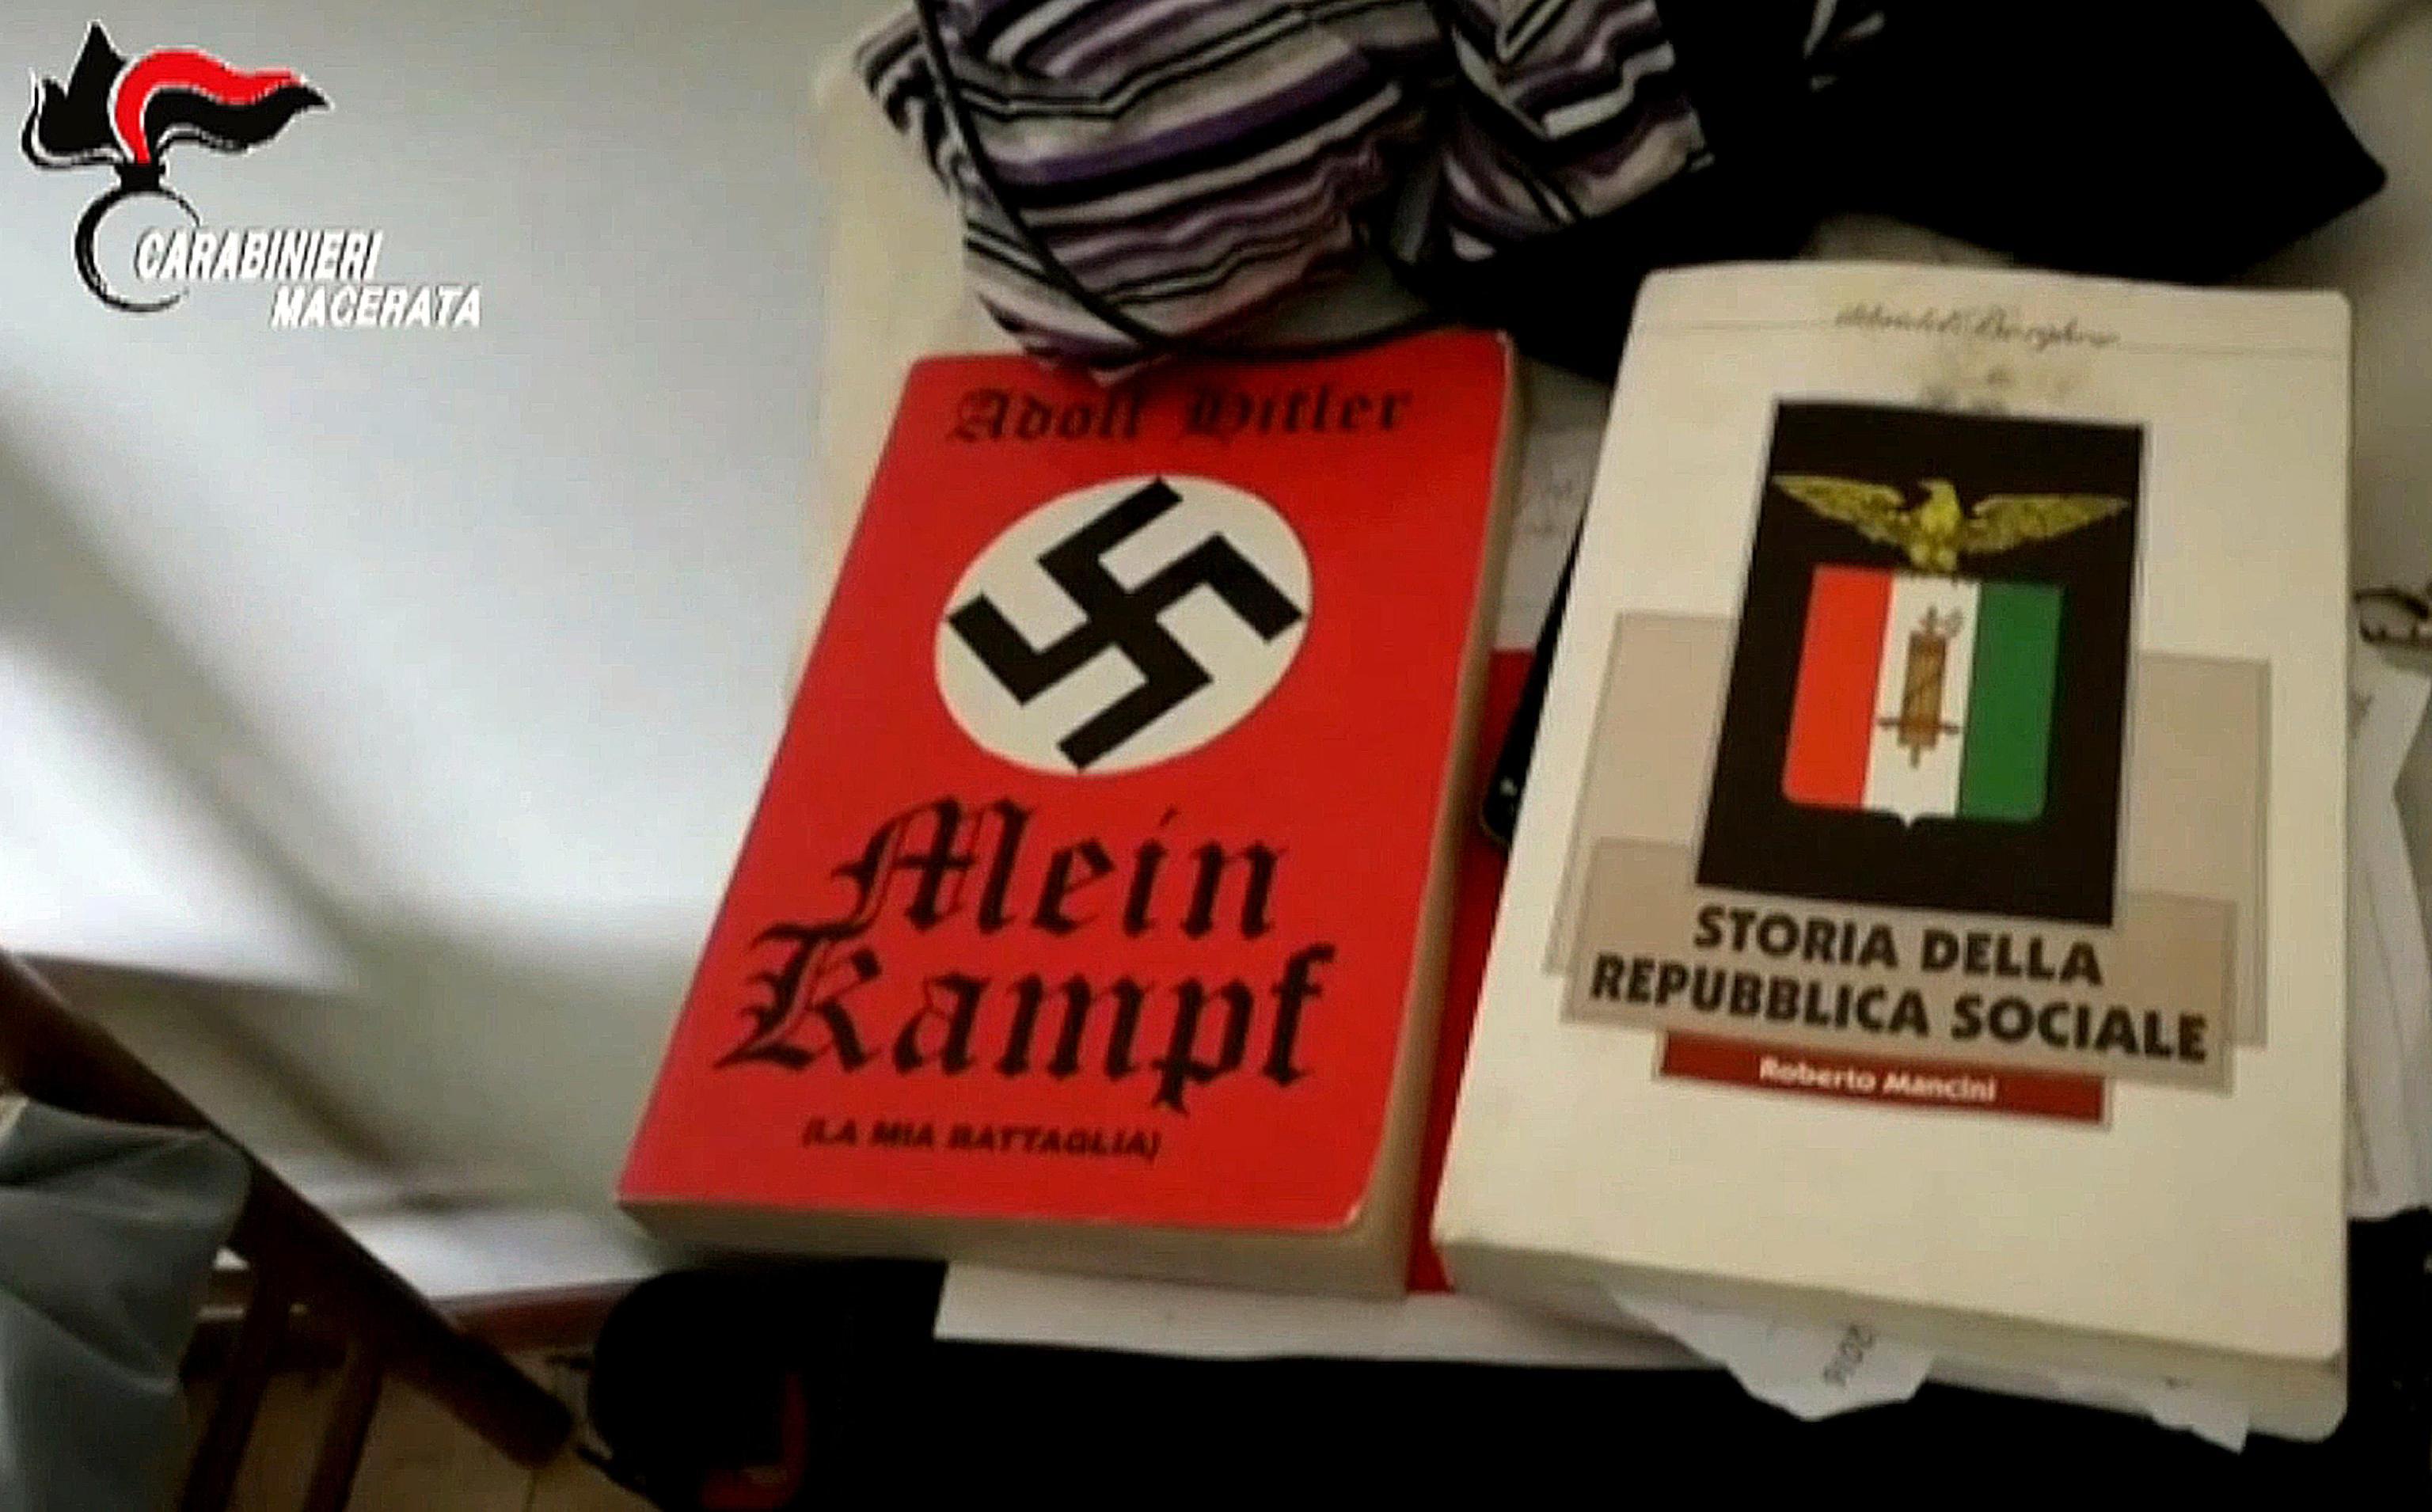 >>>/ MACERATA, TRAINI ACCUSATO DI STRAGE AGGRAVATA DA RAZZISMO